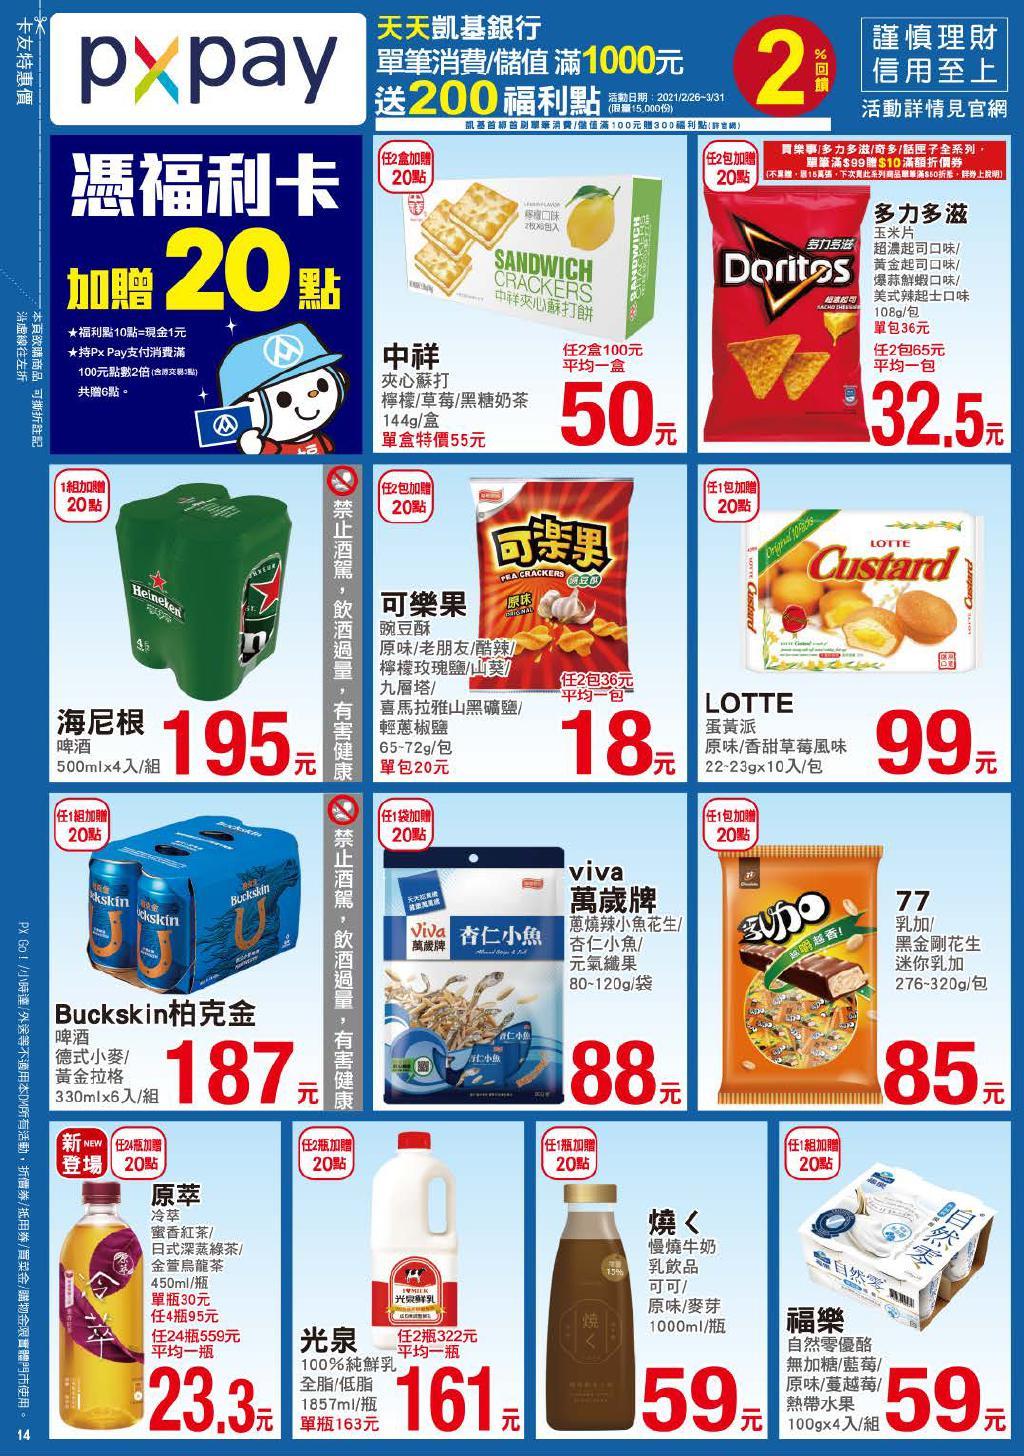 pxmart20210408_000014.jpg